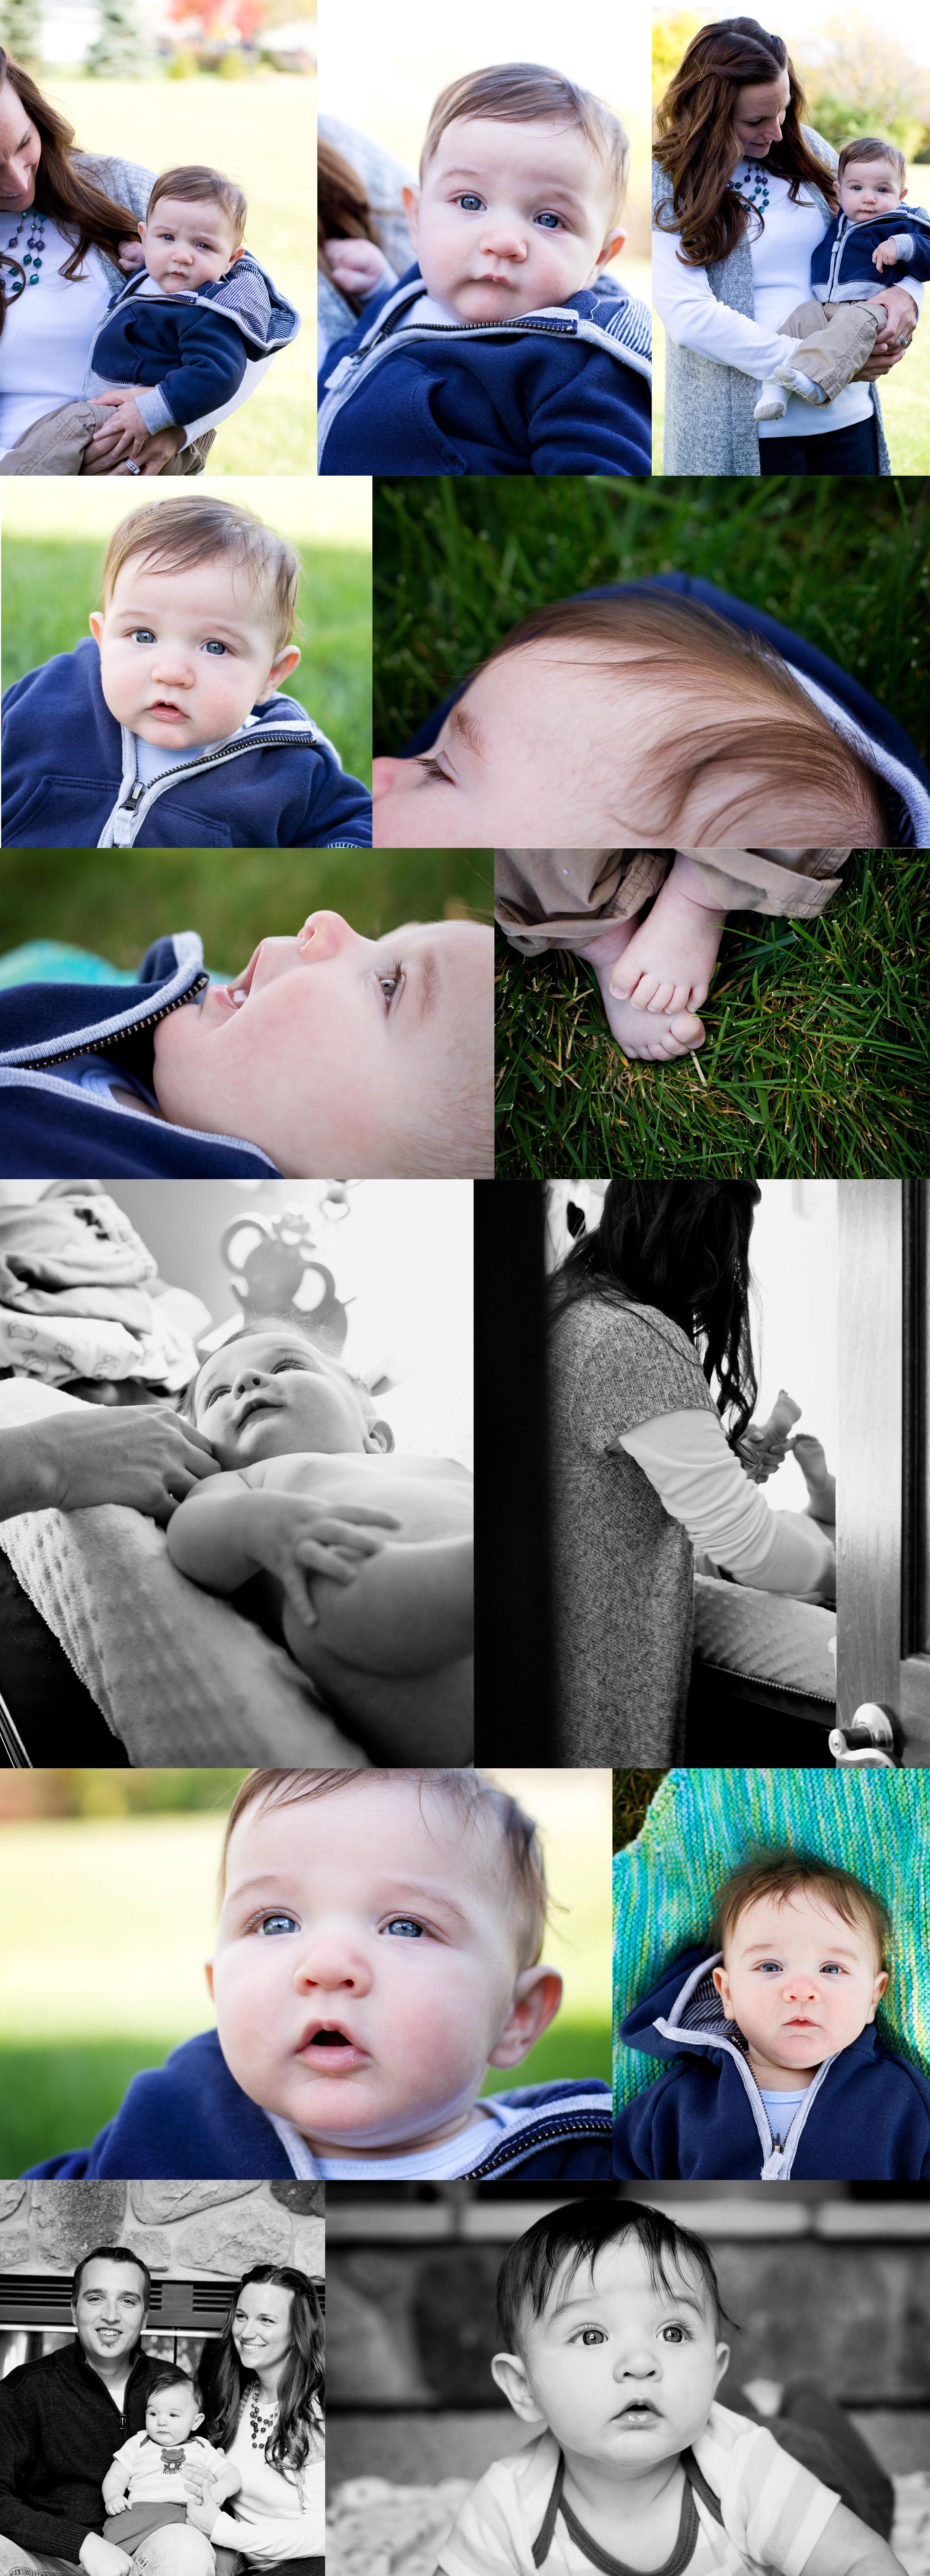 tblog_edited-1.jpg